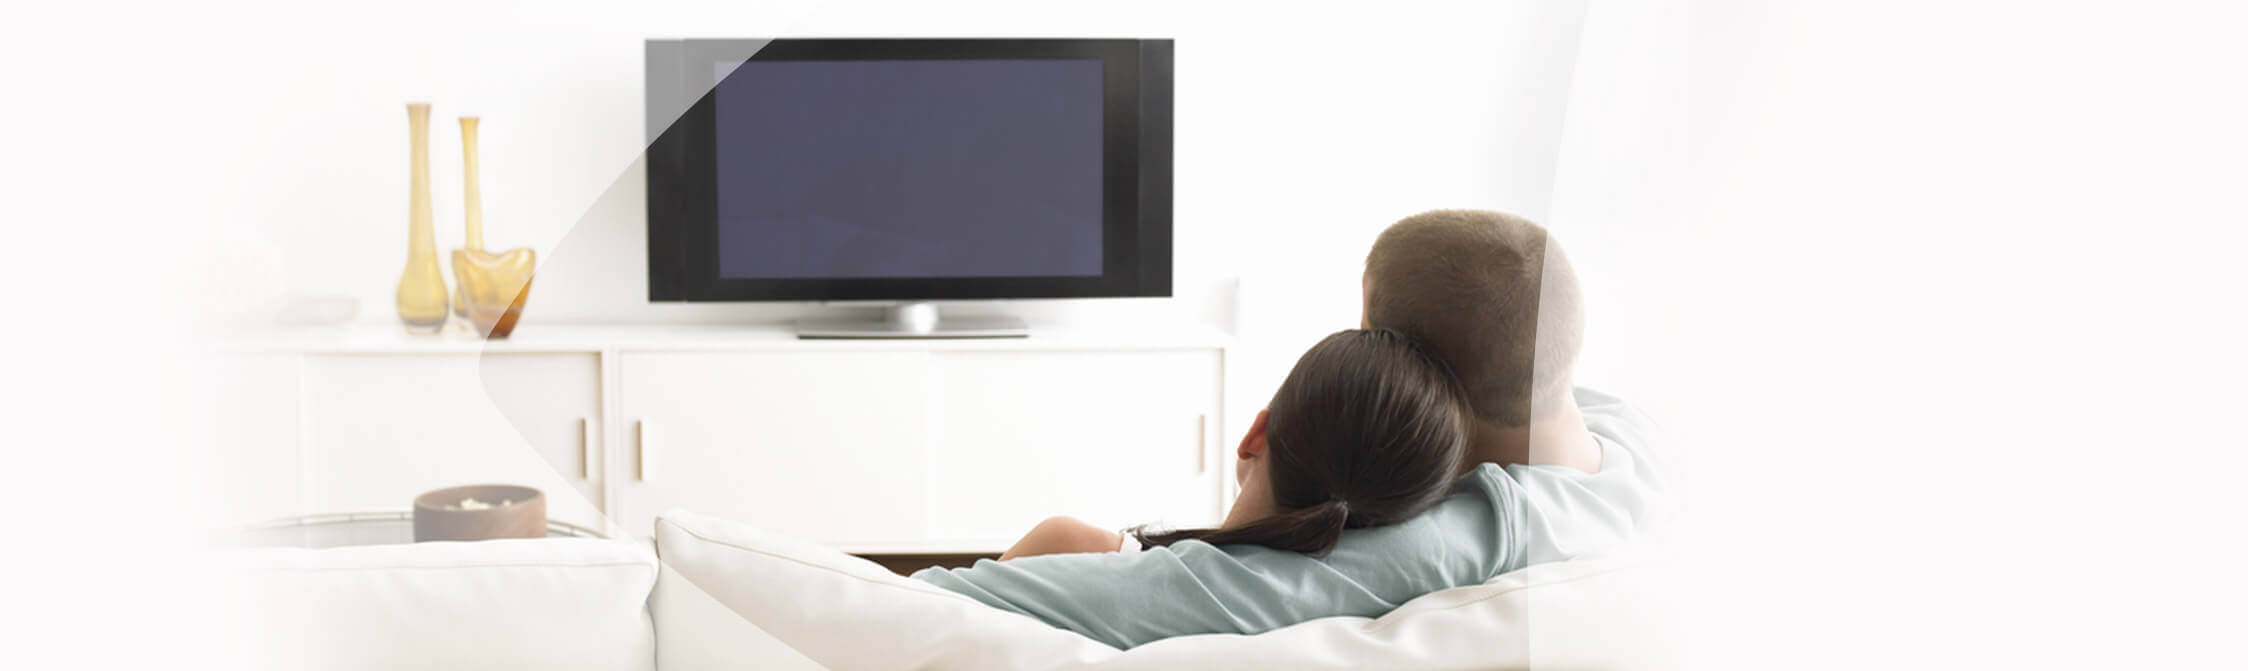 Un couple assis sur un canapé regarde la télévision